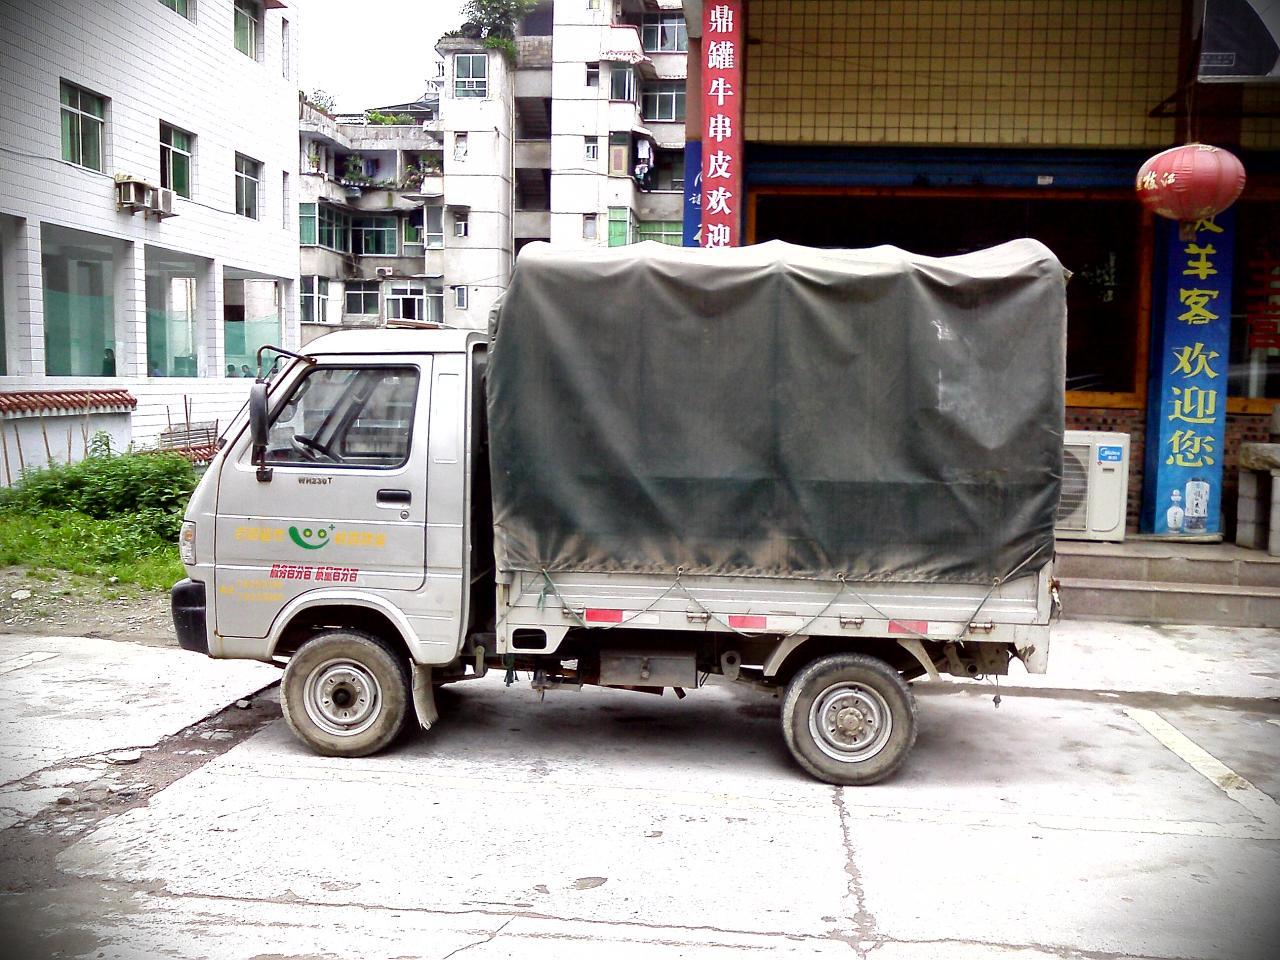 紧急出售万虎农用车一辆 最后几天